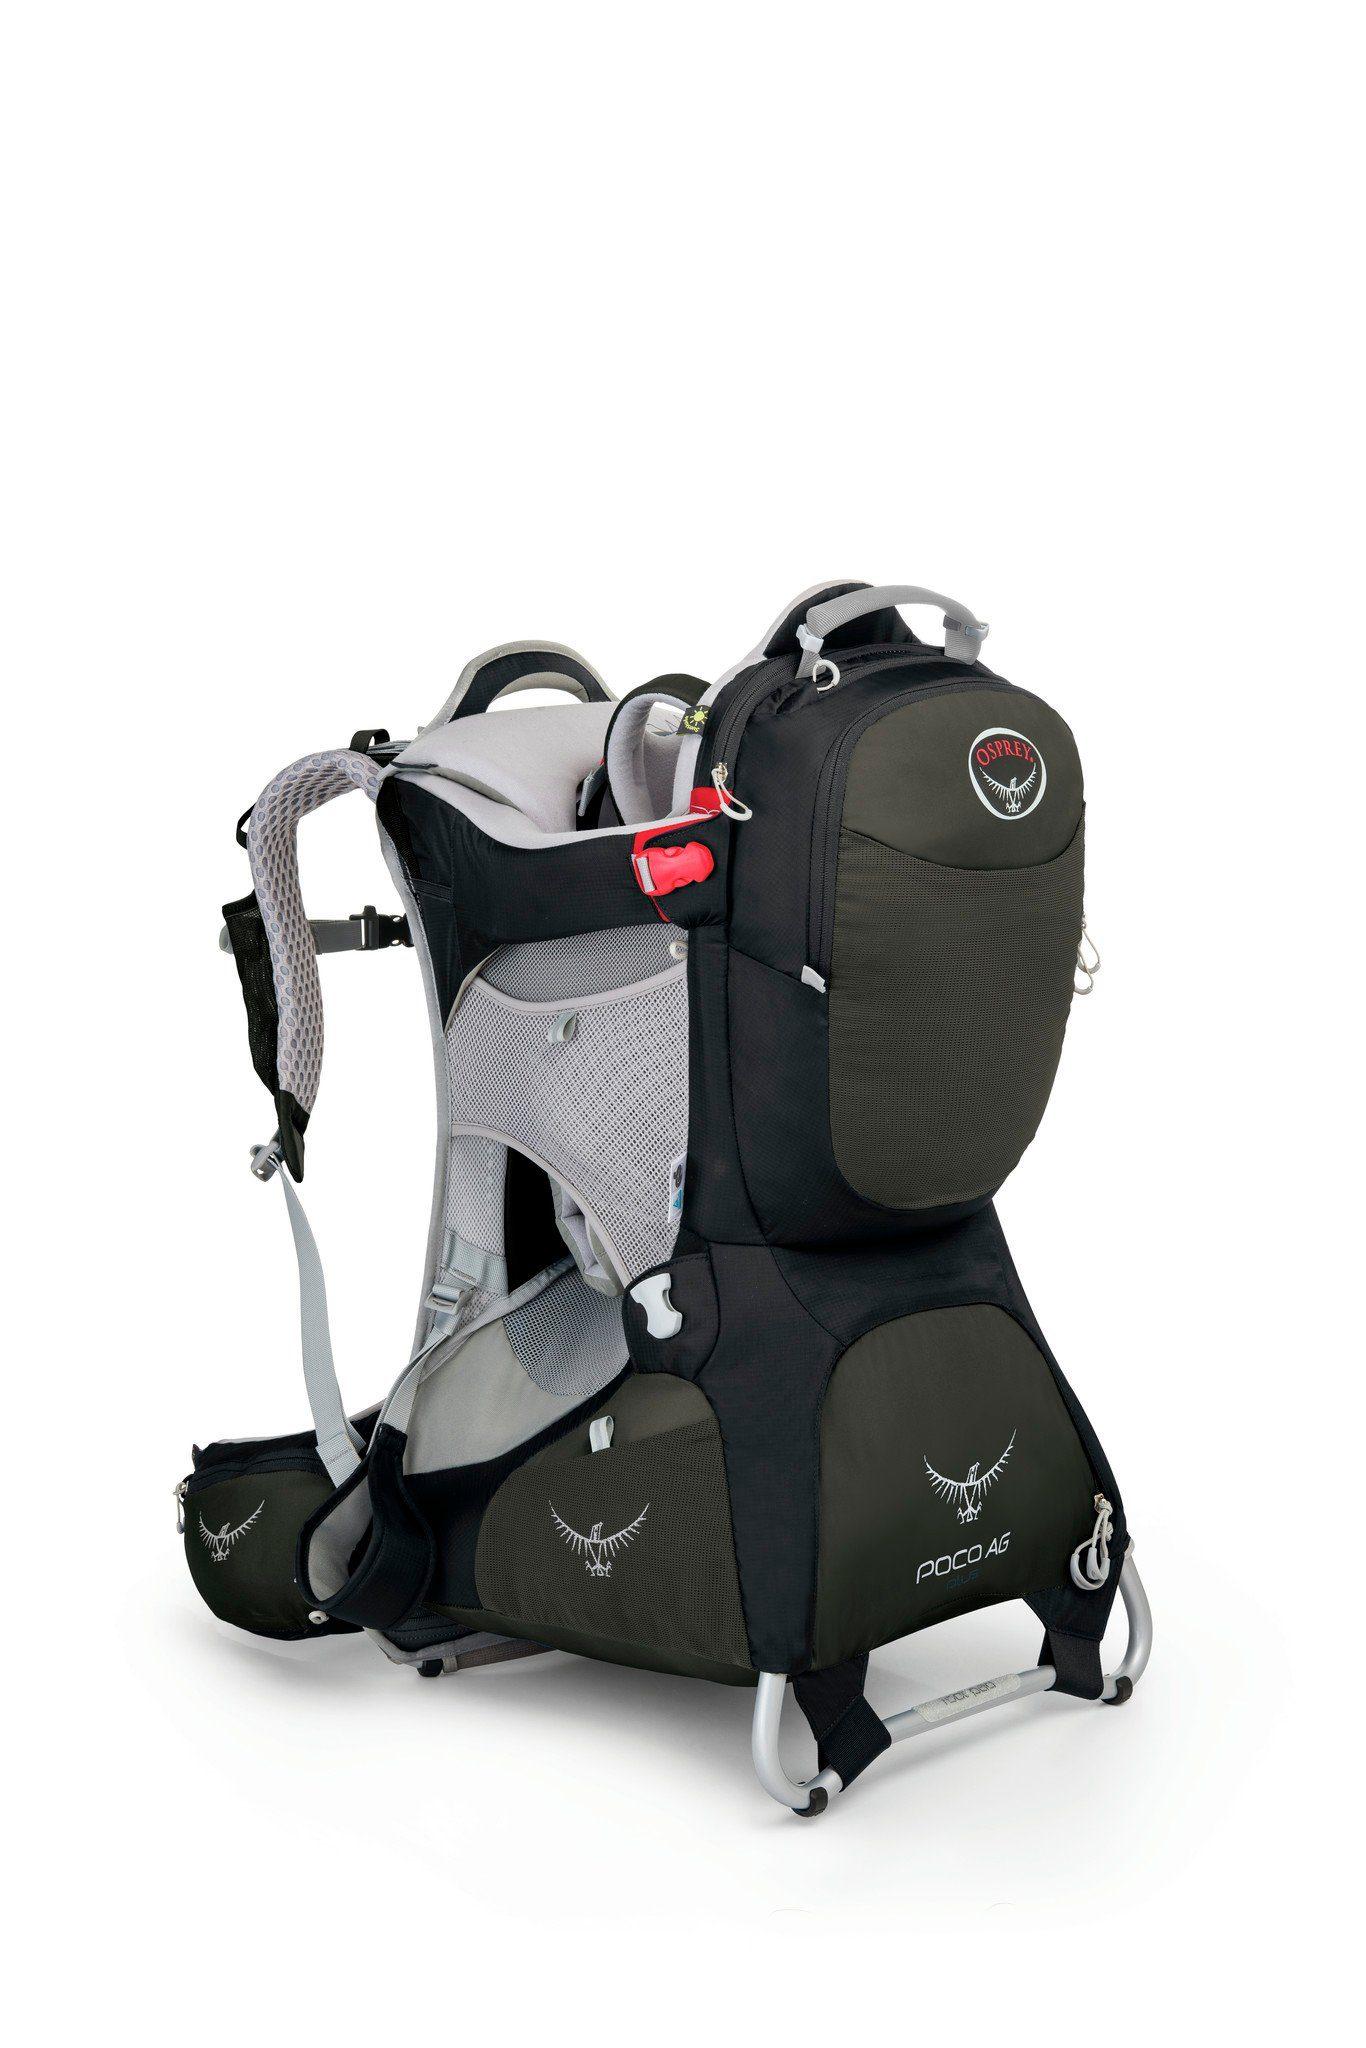 Osprey Kindertrage »Poco AG Plus Child Carrier«